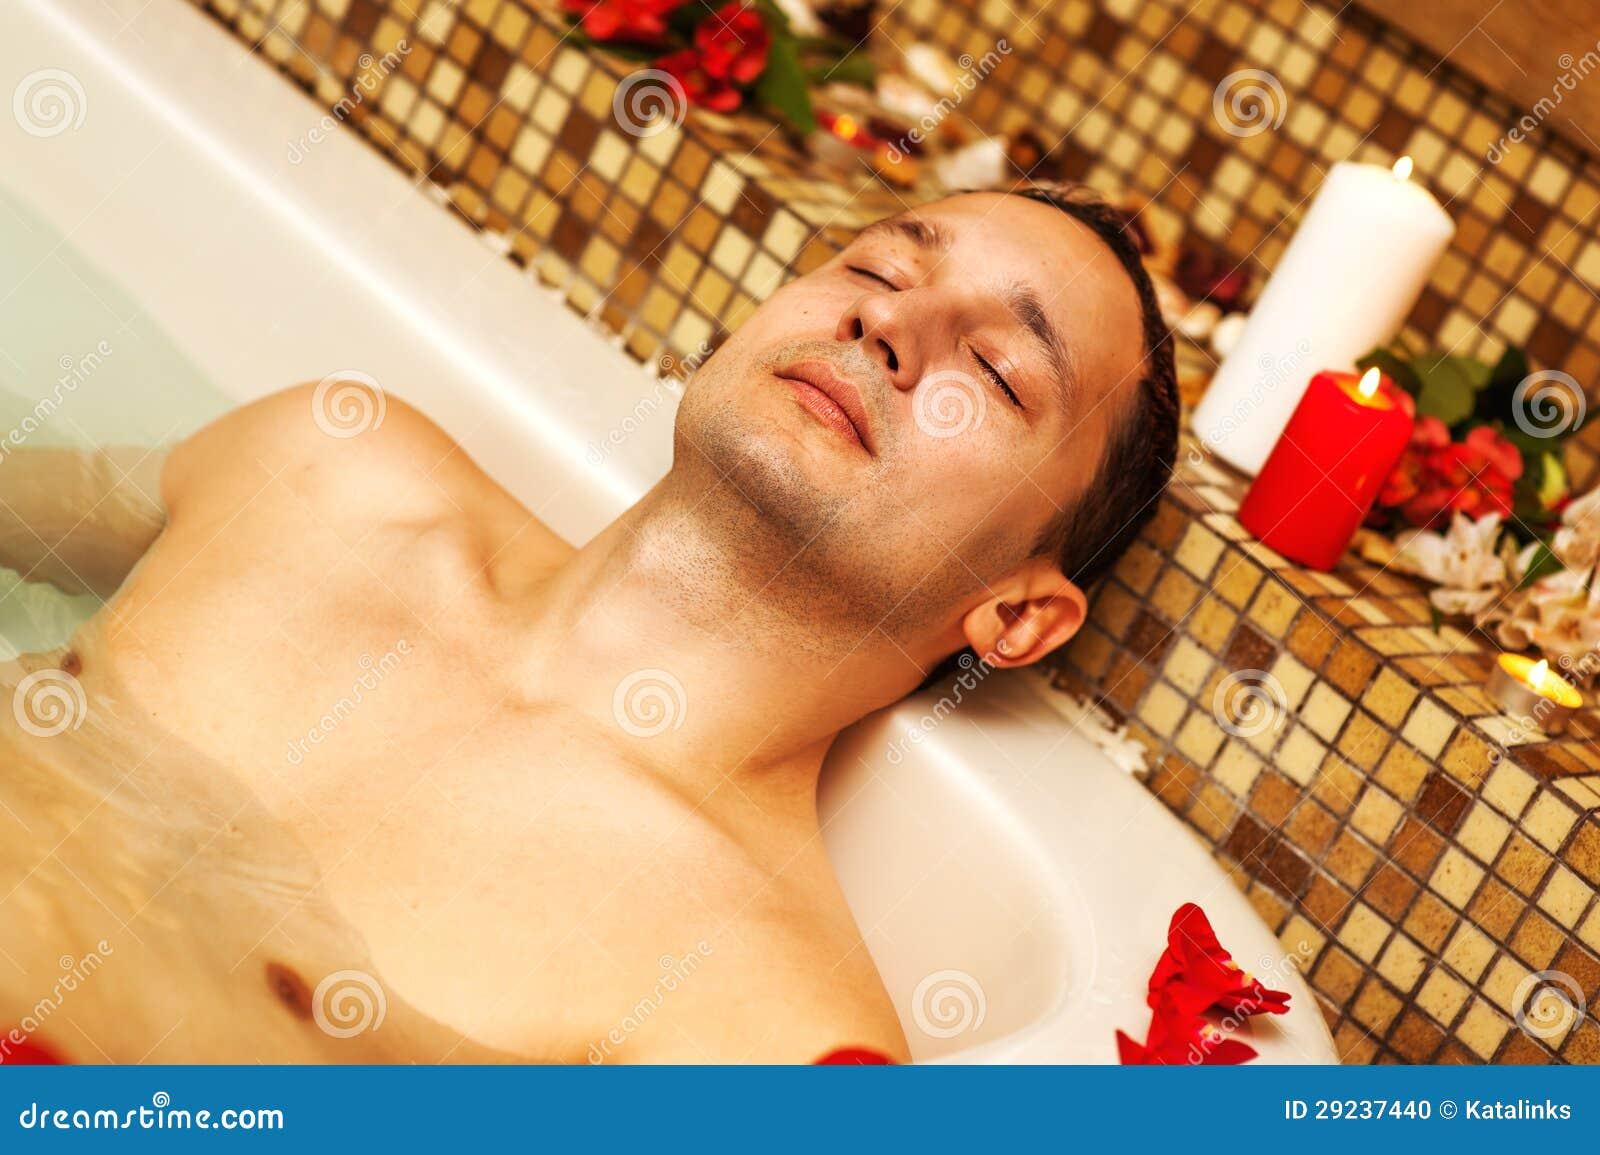 Секс молодых в ванне, Русское порно видео с тегом В ванной бесплатно 24 фотография